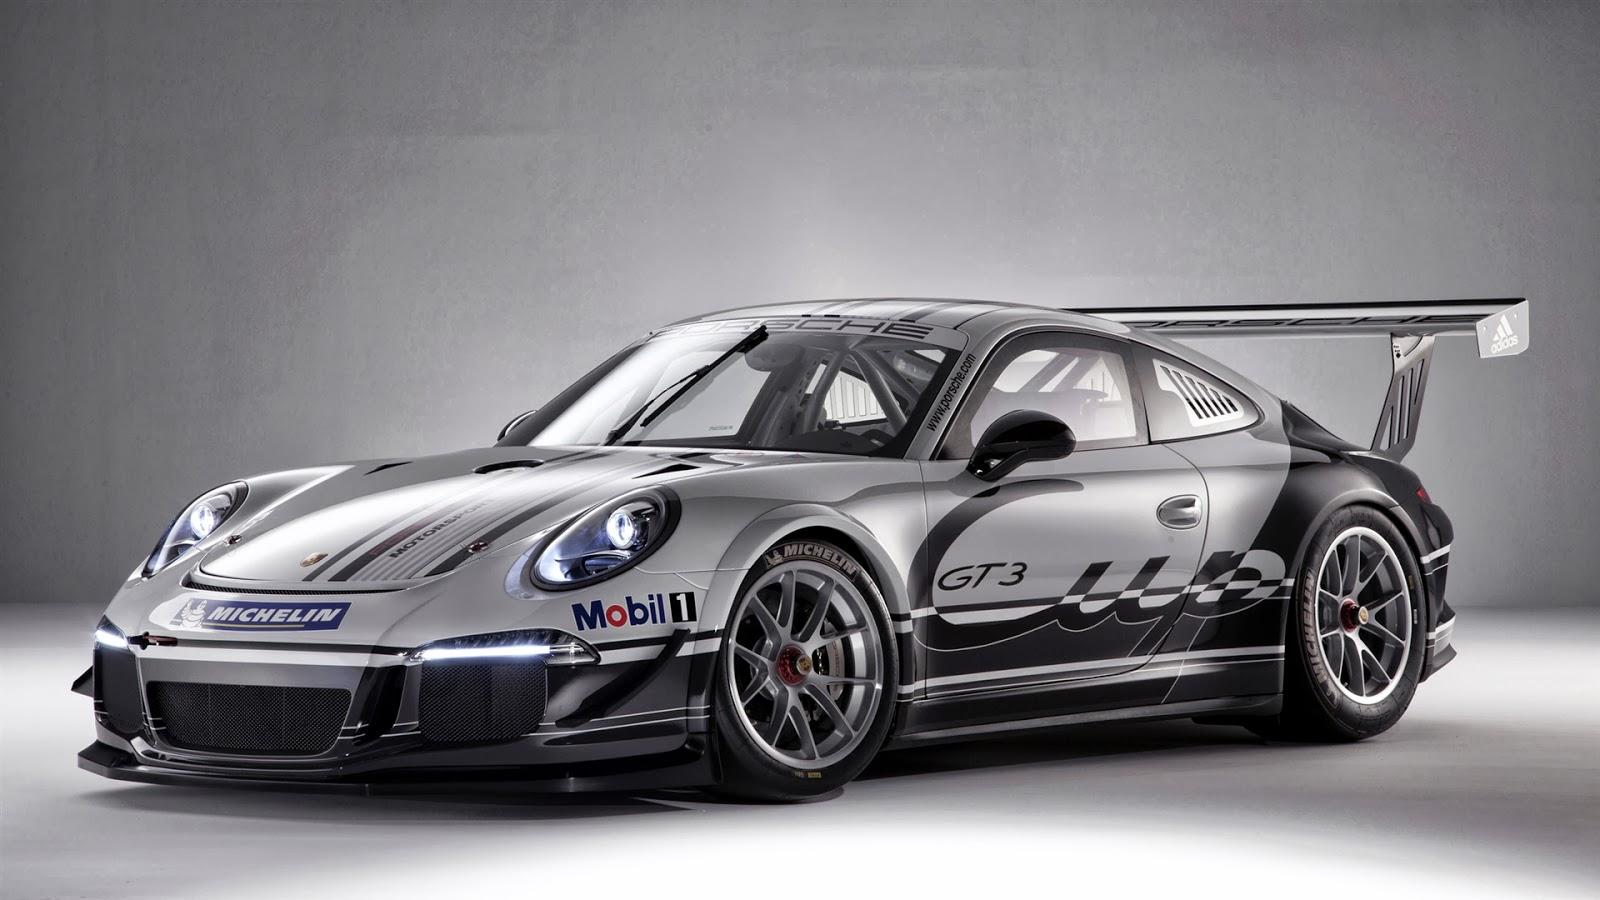 Porsche 911 GT3 Cup 2013 Full HD Desktop Wallpapers 1080p 1600x900